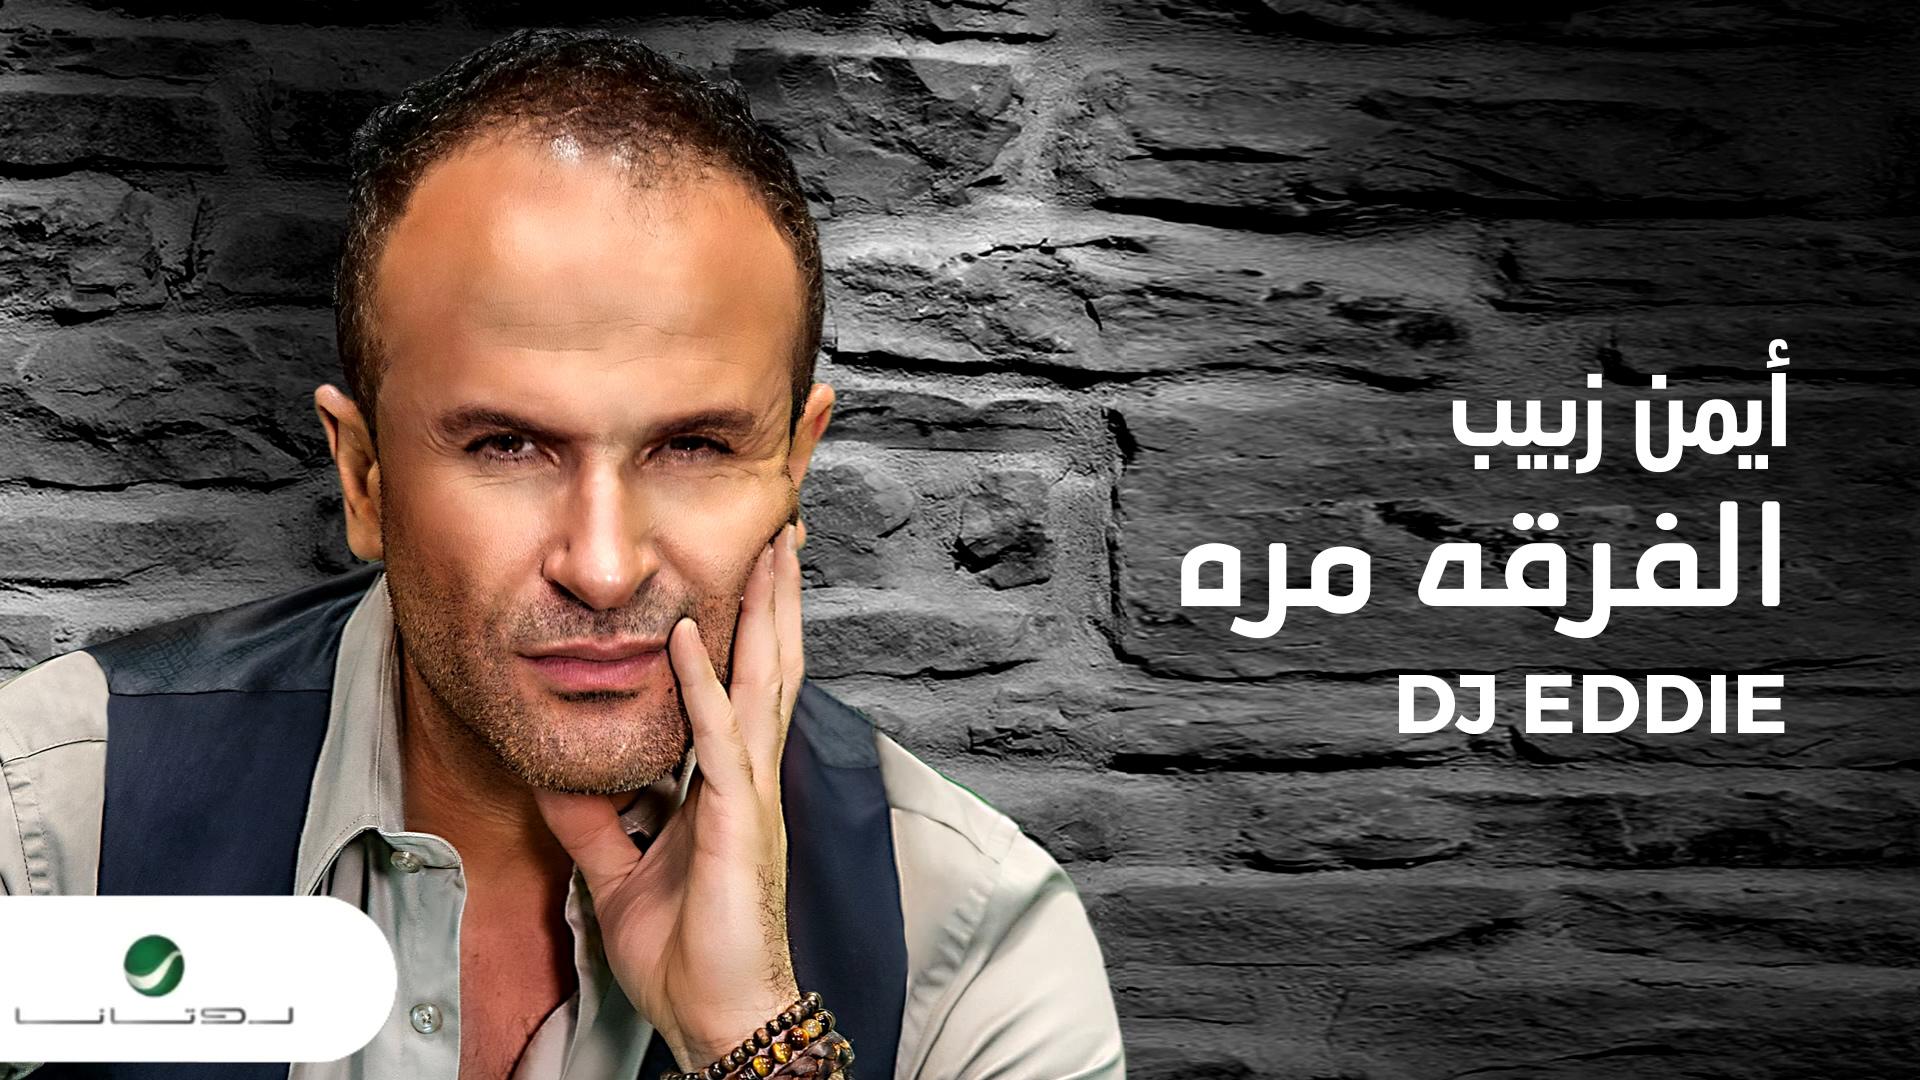 Ayman Zbib - El Forga Morrah أيمن زبيب - الفرقه مره